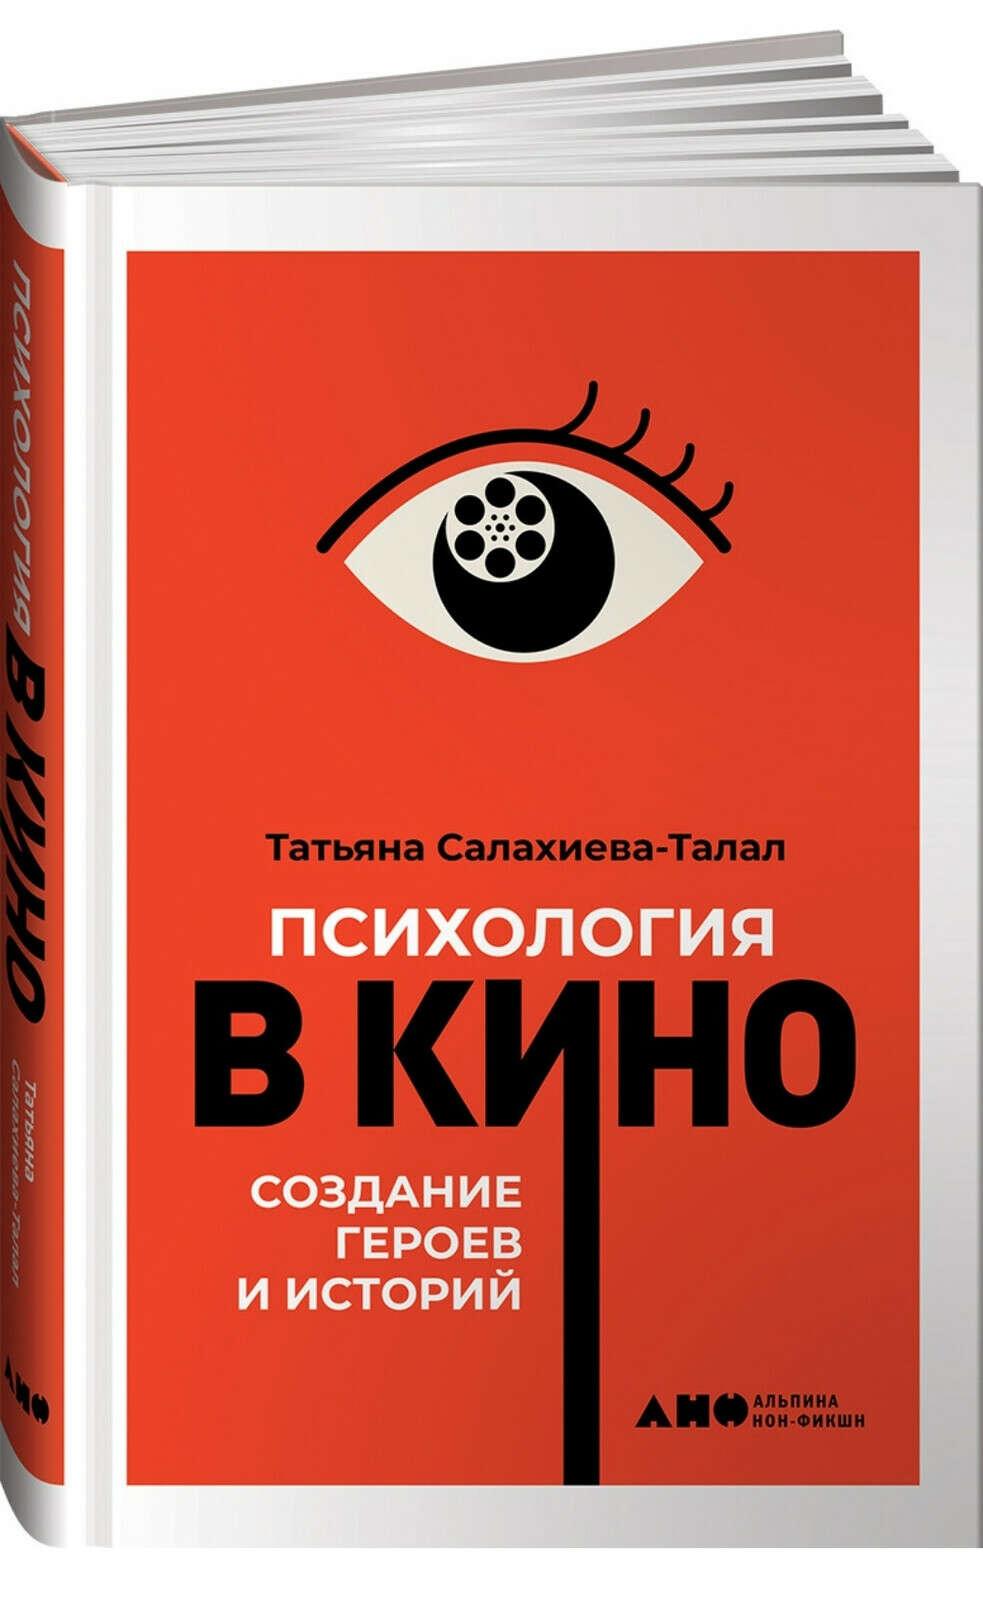 Психология в кино. Создание героев и историй.